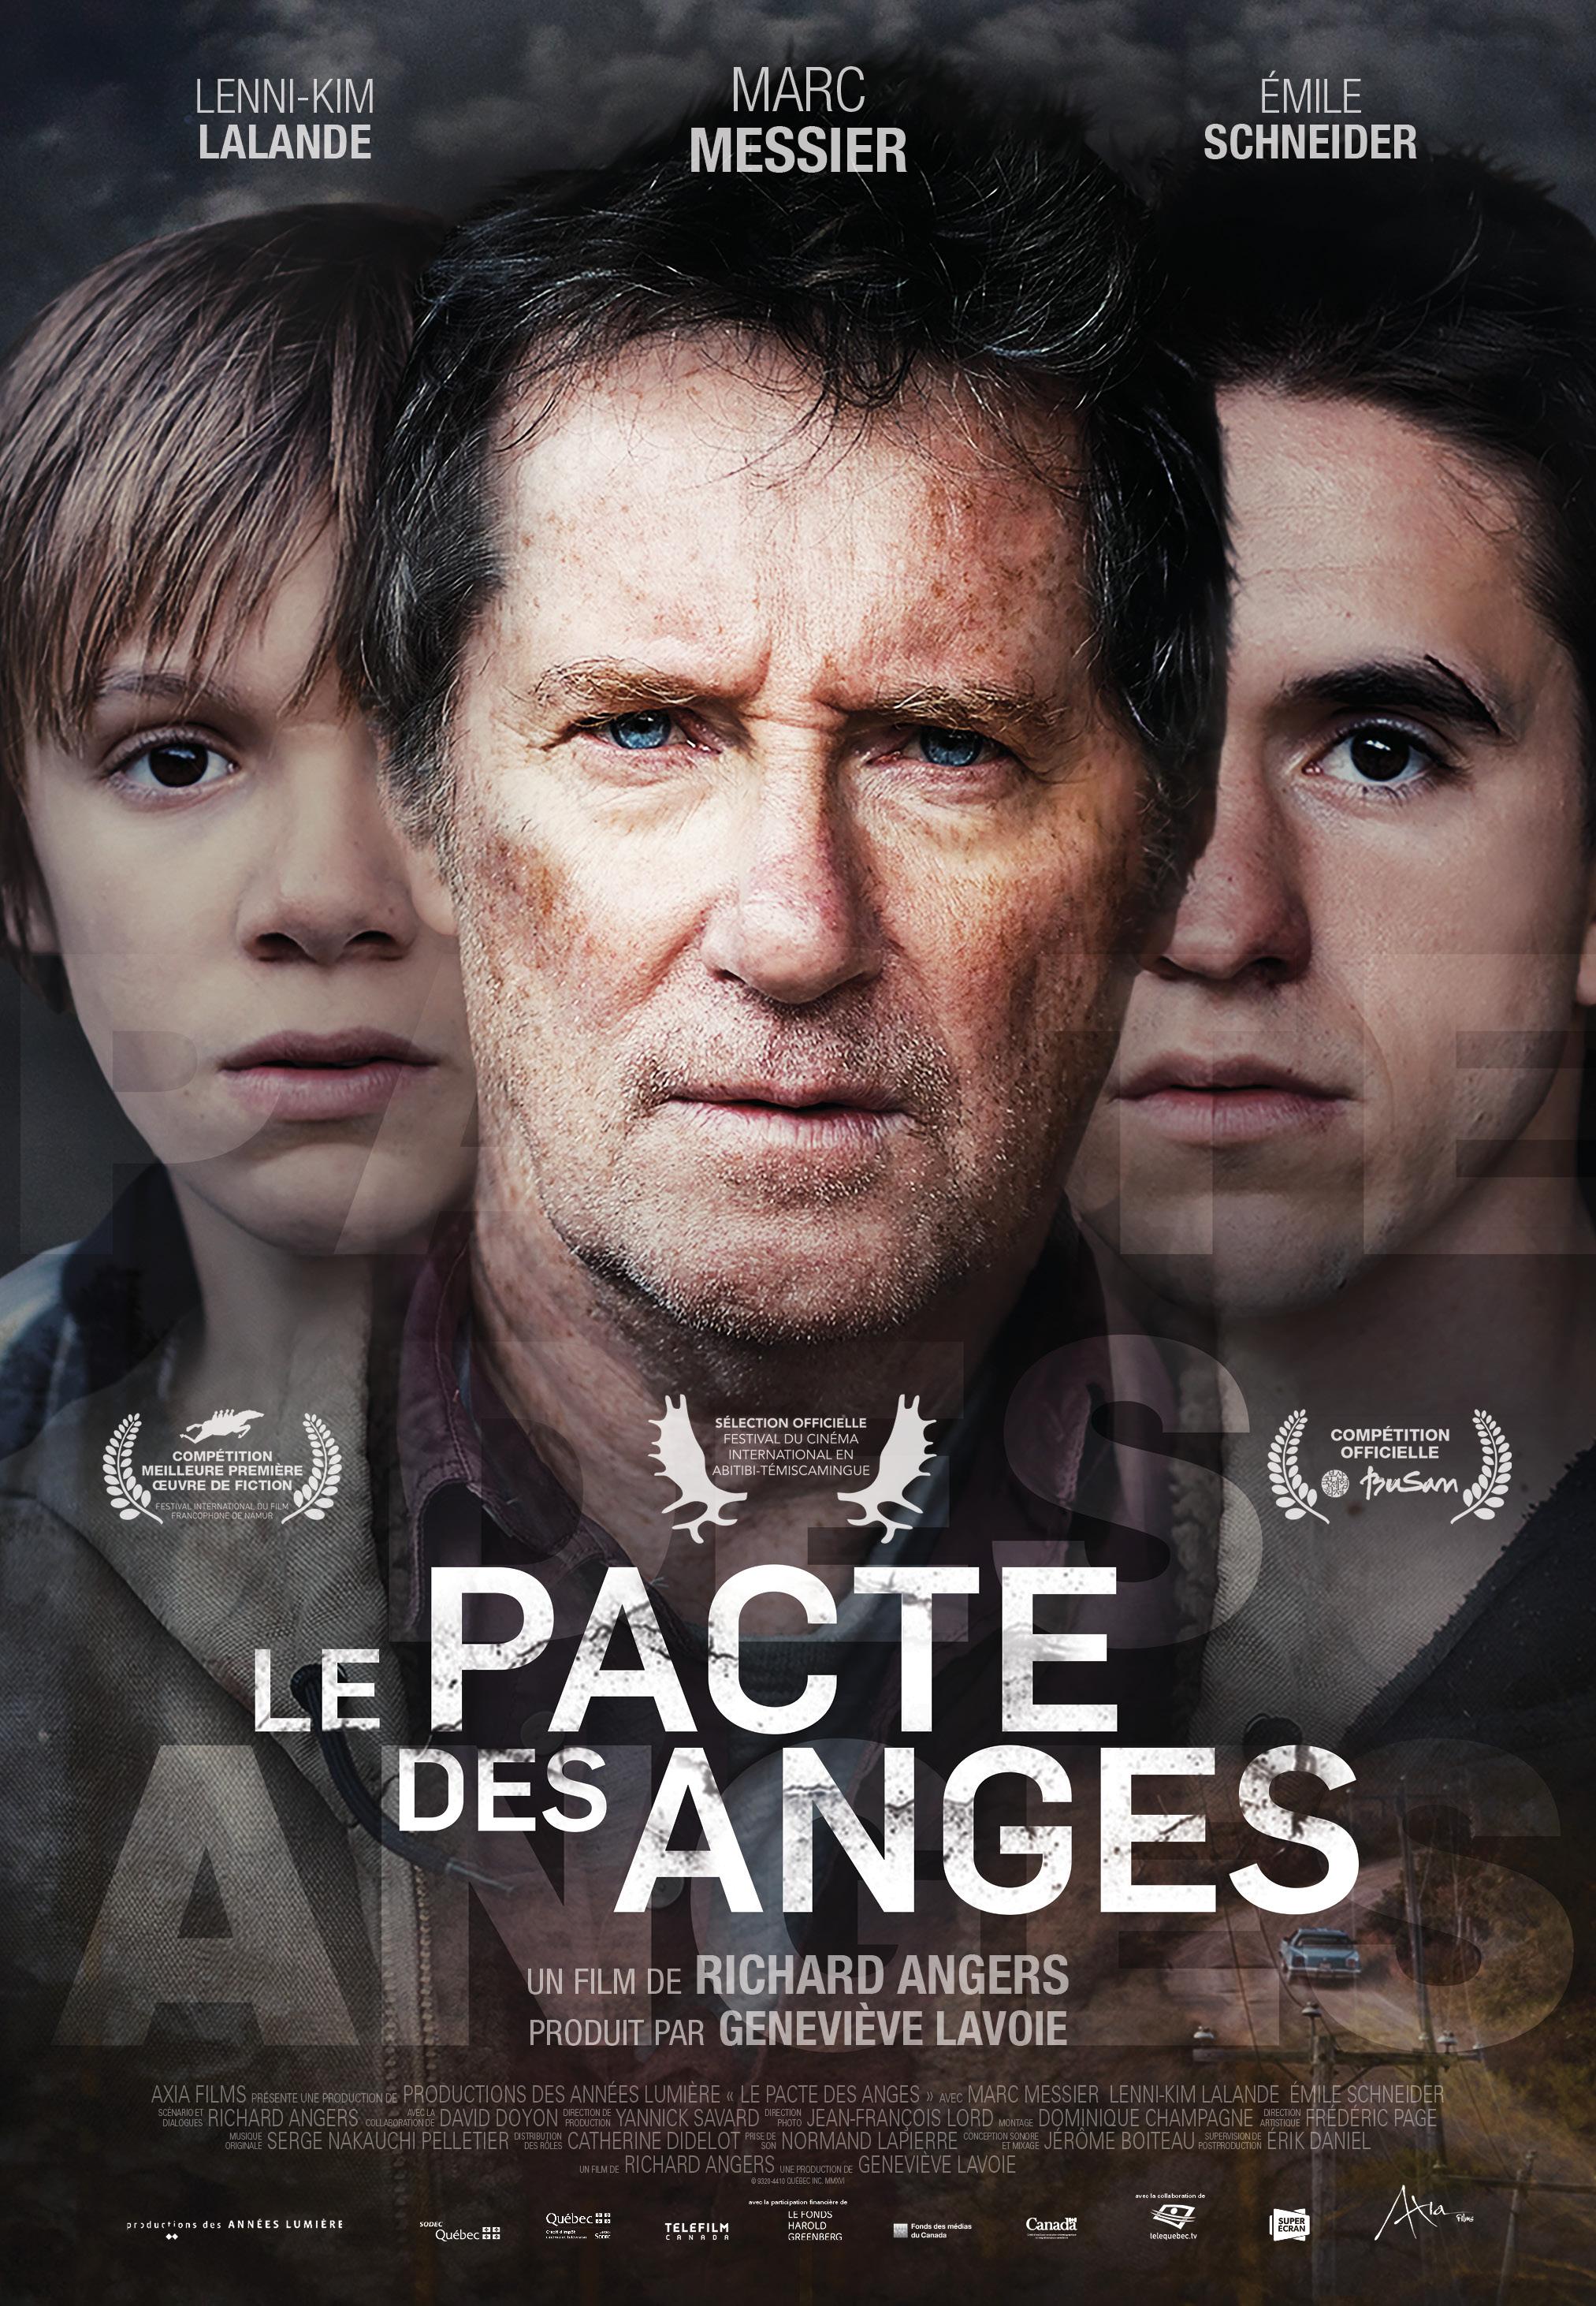 LE PACTE DES ANGES